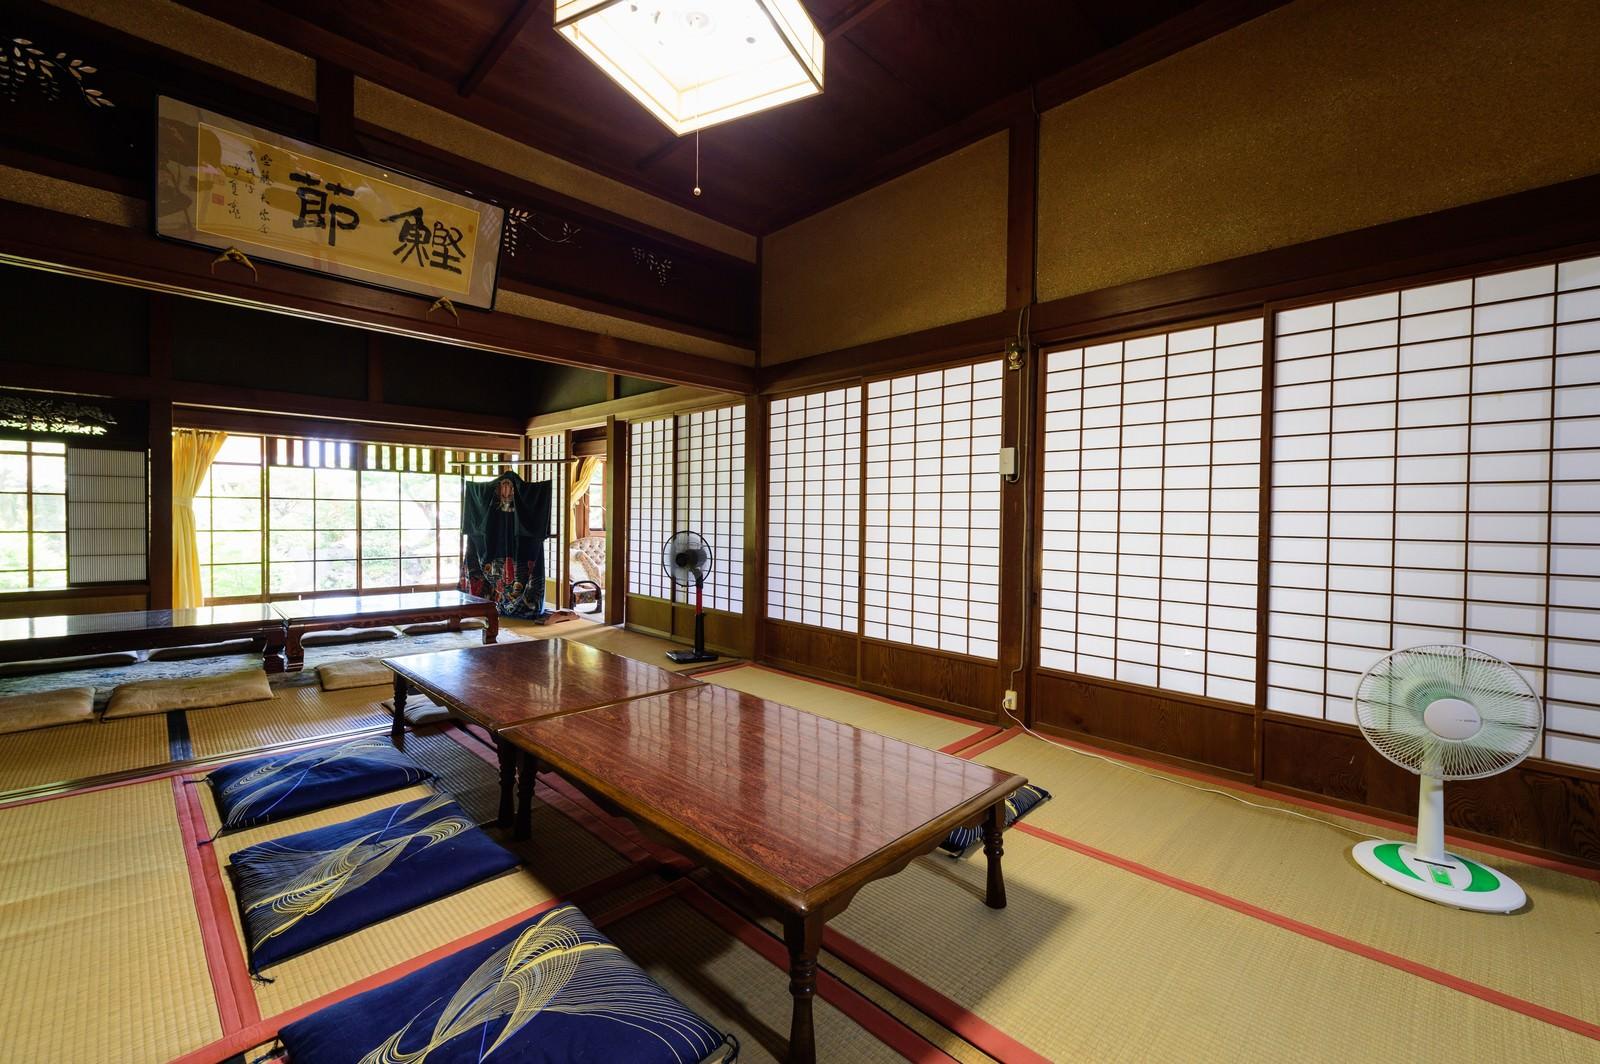 「懐かしさを感じる古民家の障子のある和室(千葉県一宮町)」の写真